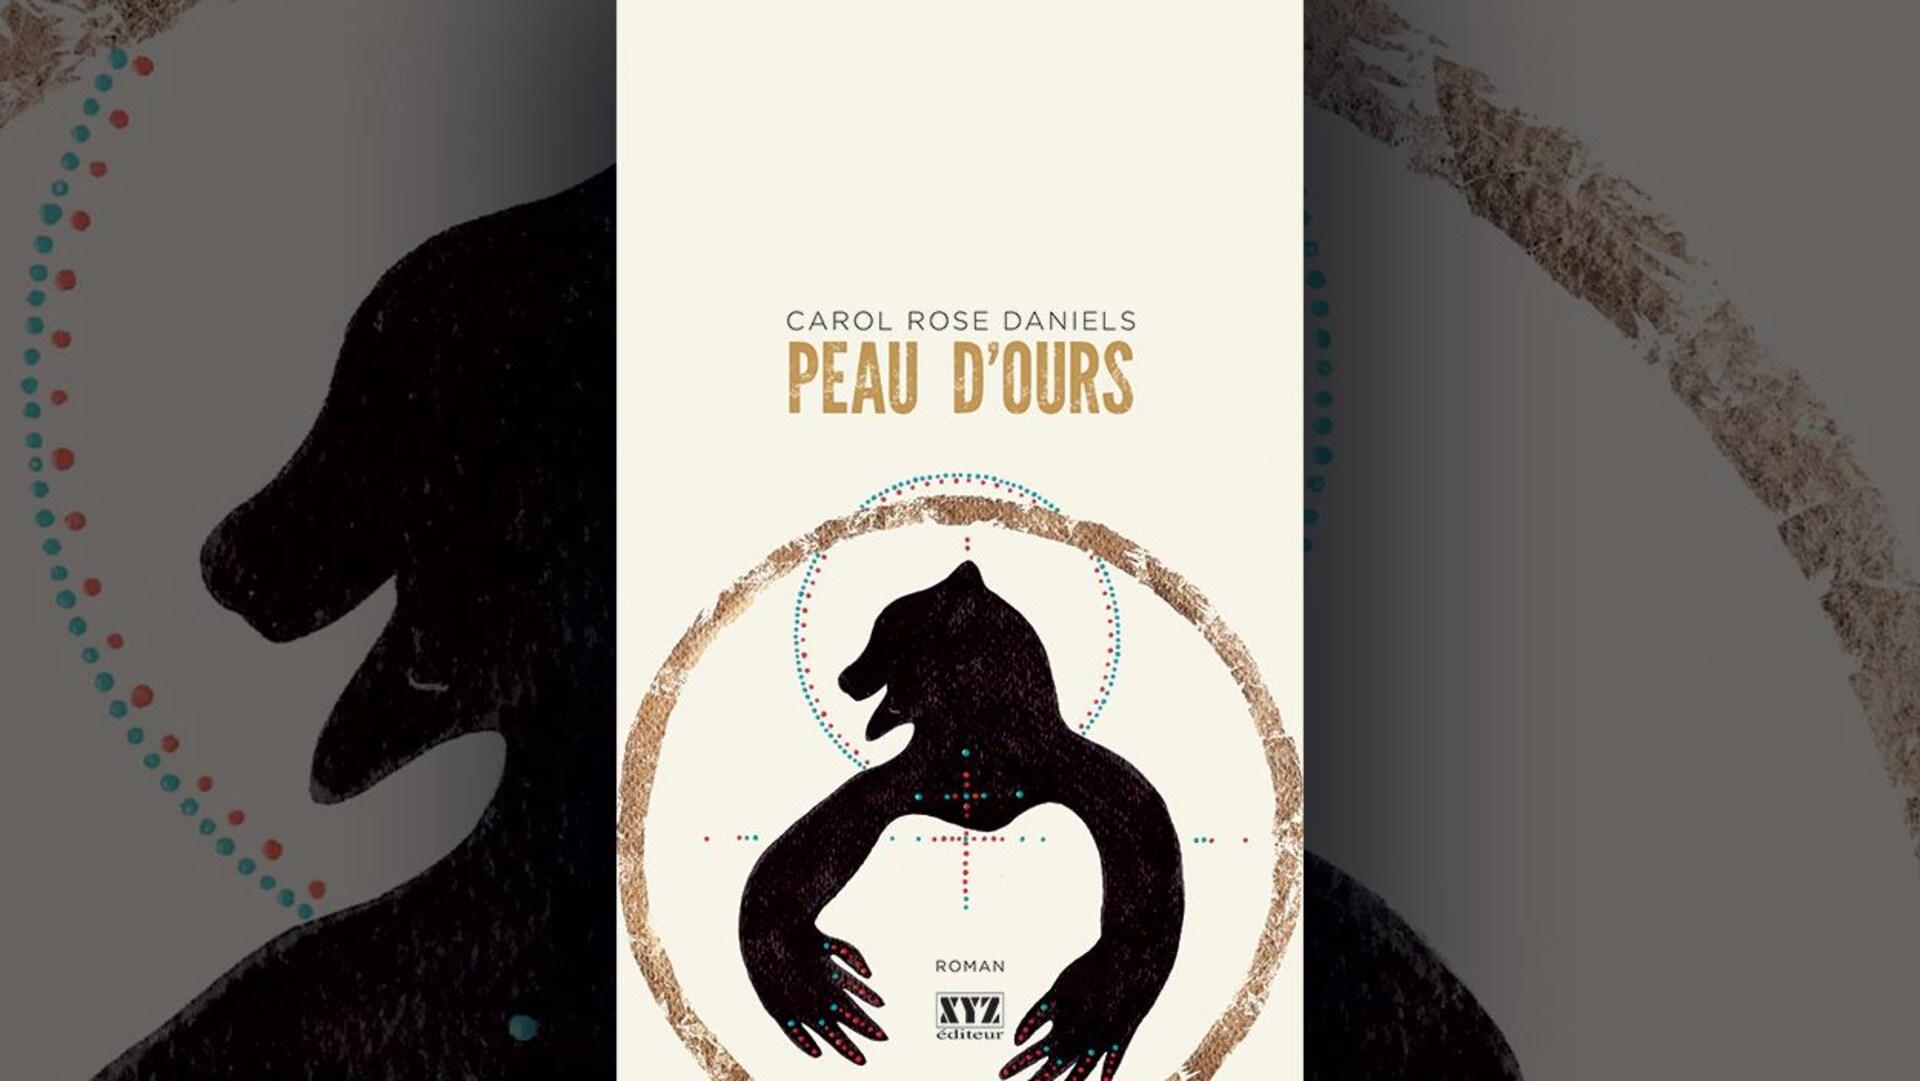 Image de la couverture du livre Peau d'ours, de Carol Rose Daniels. Illustration stylisée d'un ours de profil, entouré d'un cercle brun. L'ours a des points rouges et bleus sur les pattes.